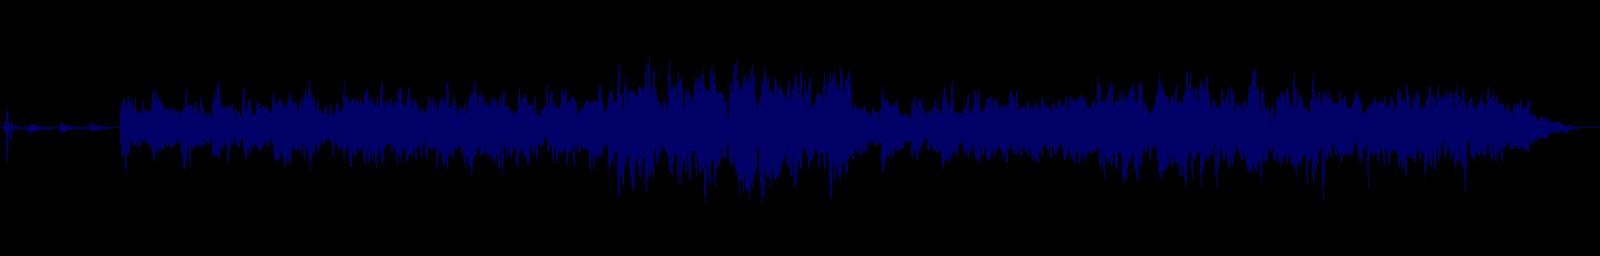 waveform of track #154109